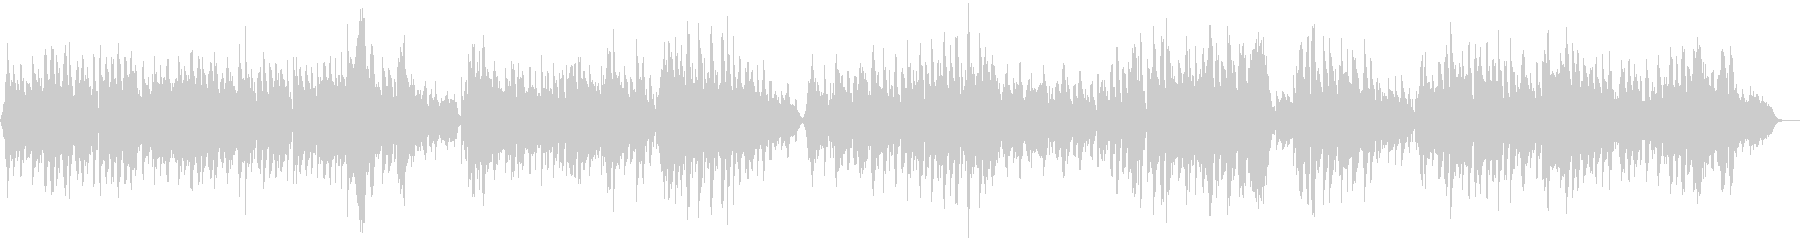 ハイドン弦楽四重奏曲第17番セレナーデの未再生の波形